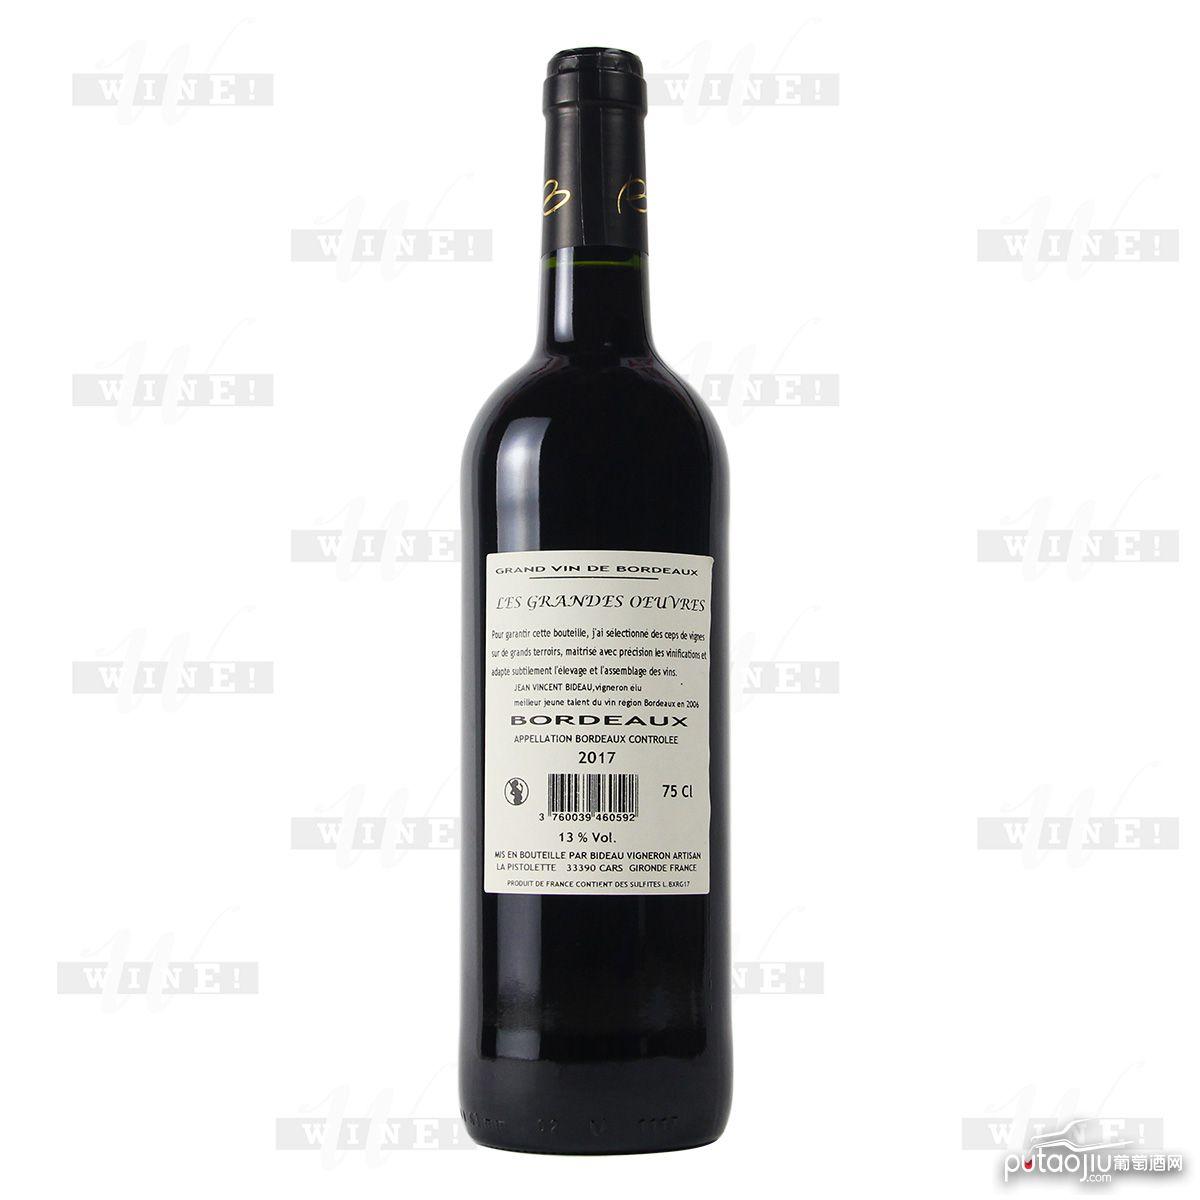 法国波尔多格朗艾弗赤霞珠梅洛干红葡萄酒